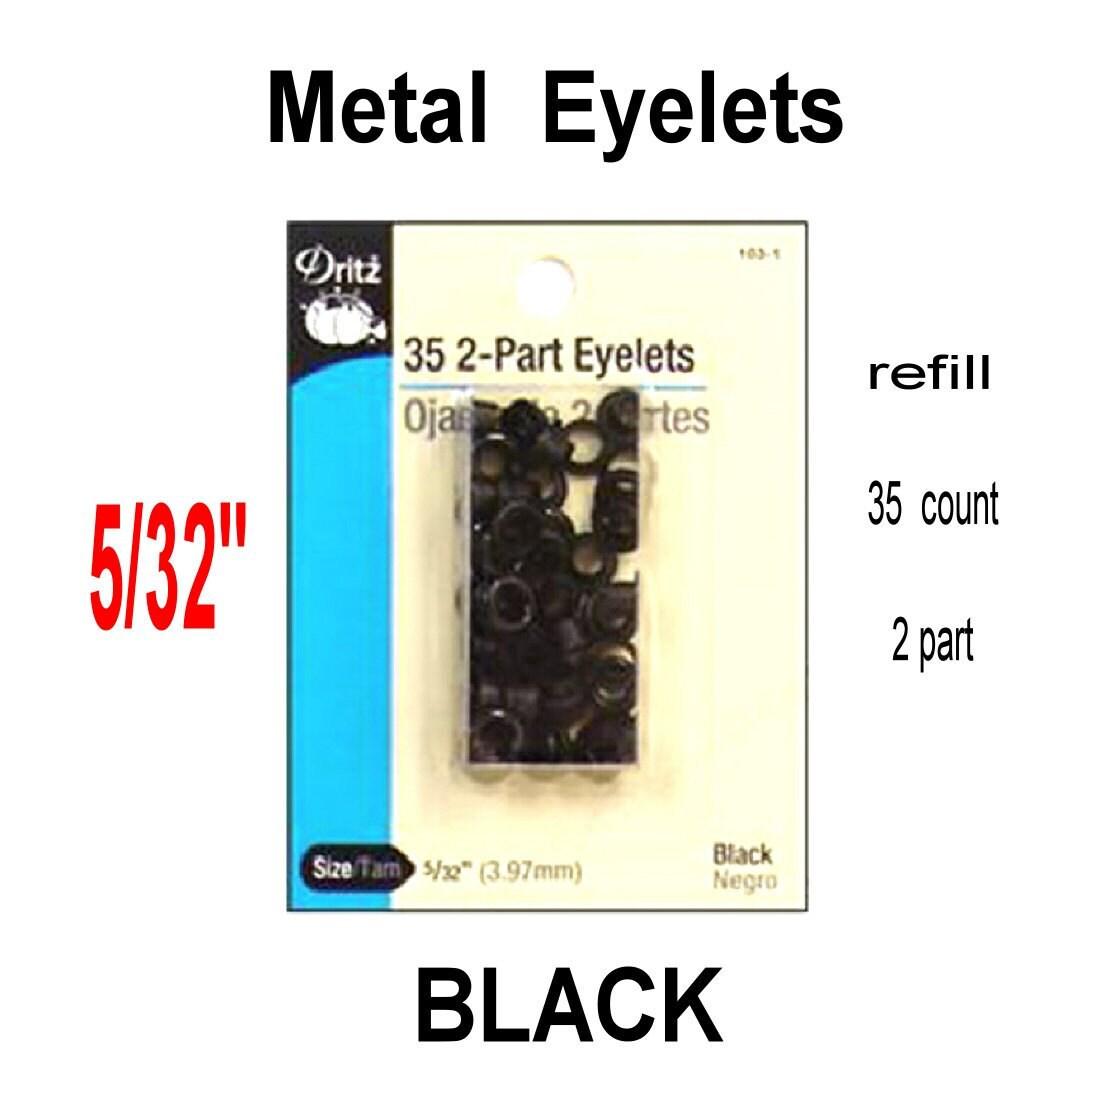 Dritz Eyelet Refill 5/32 BLACK 35 2 Part Eyelets